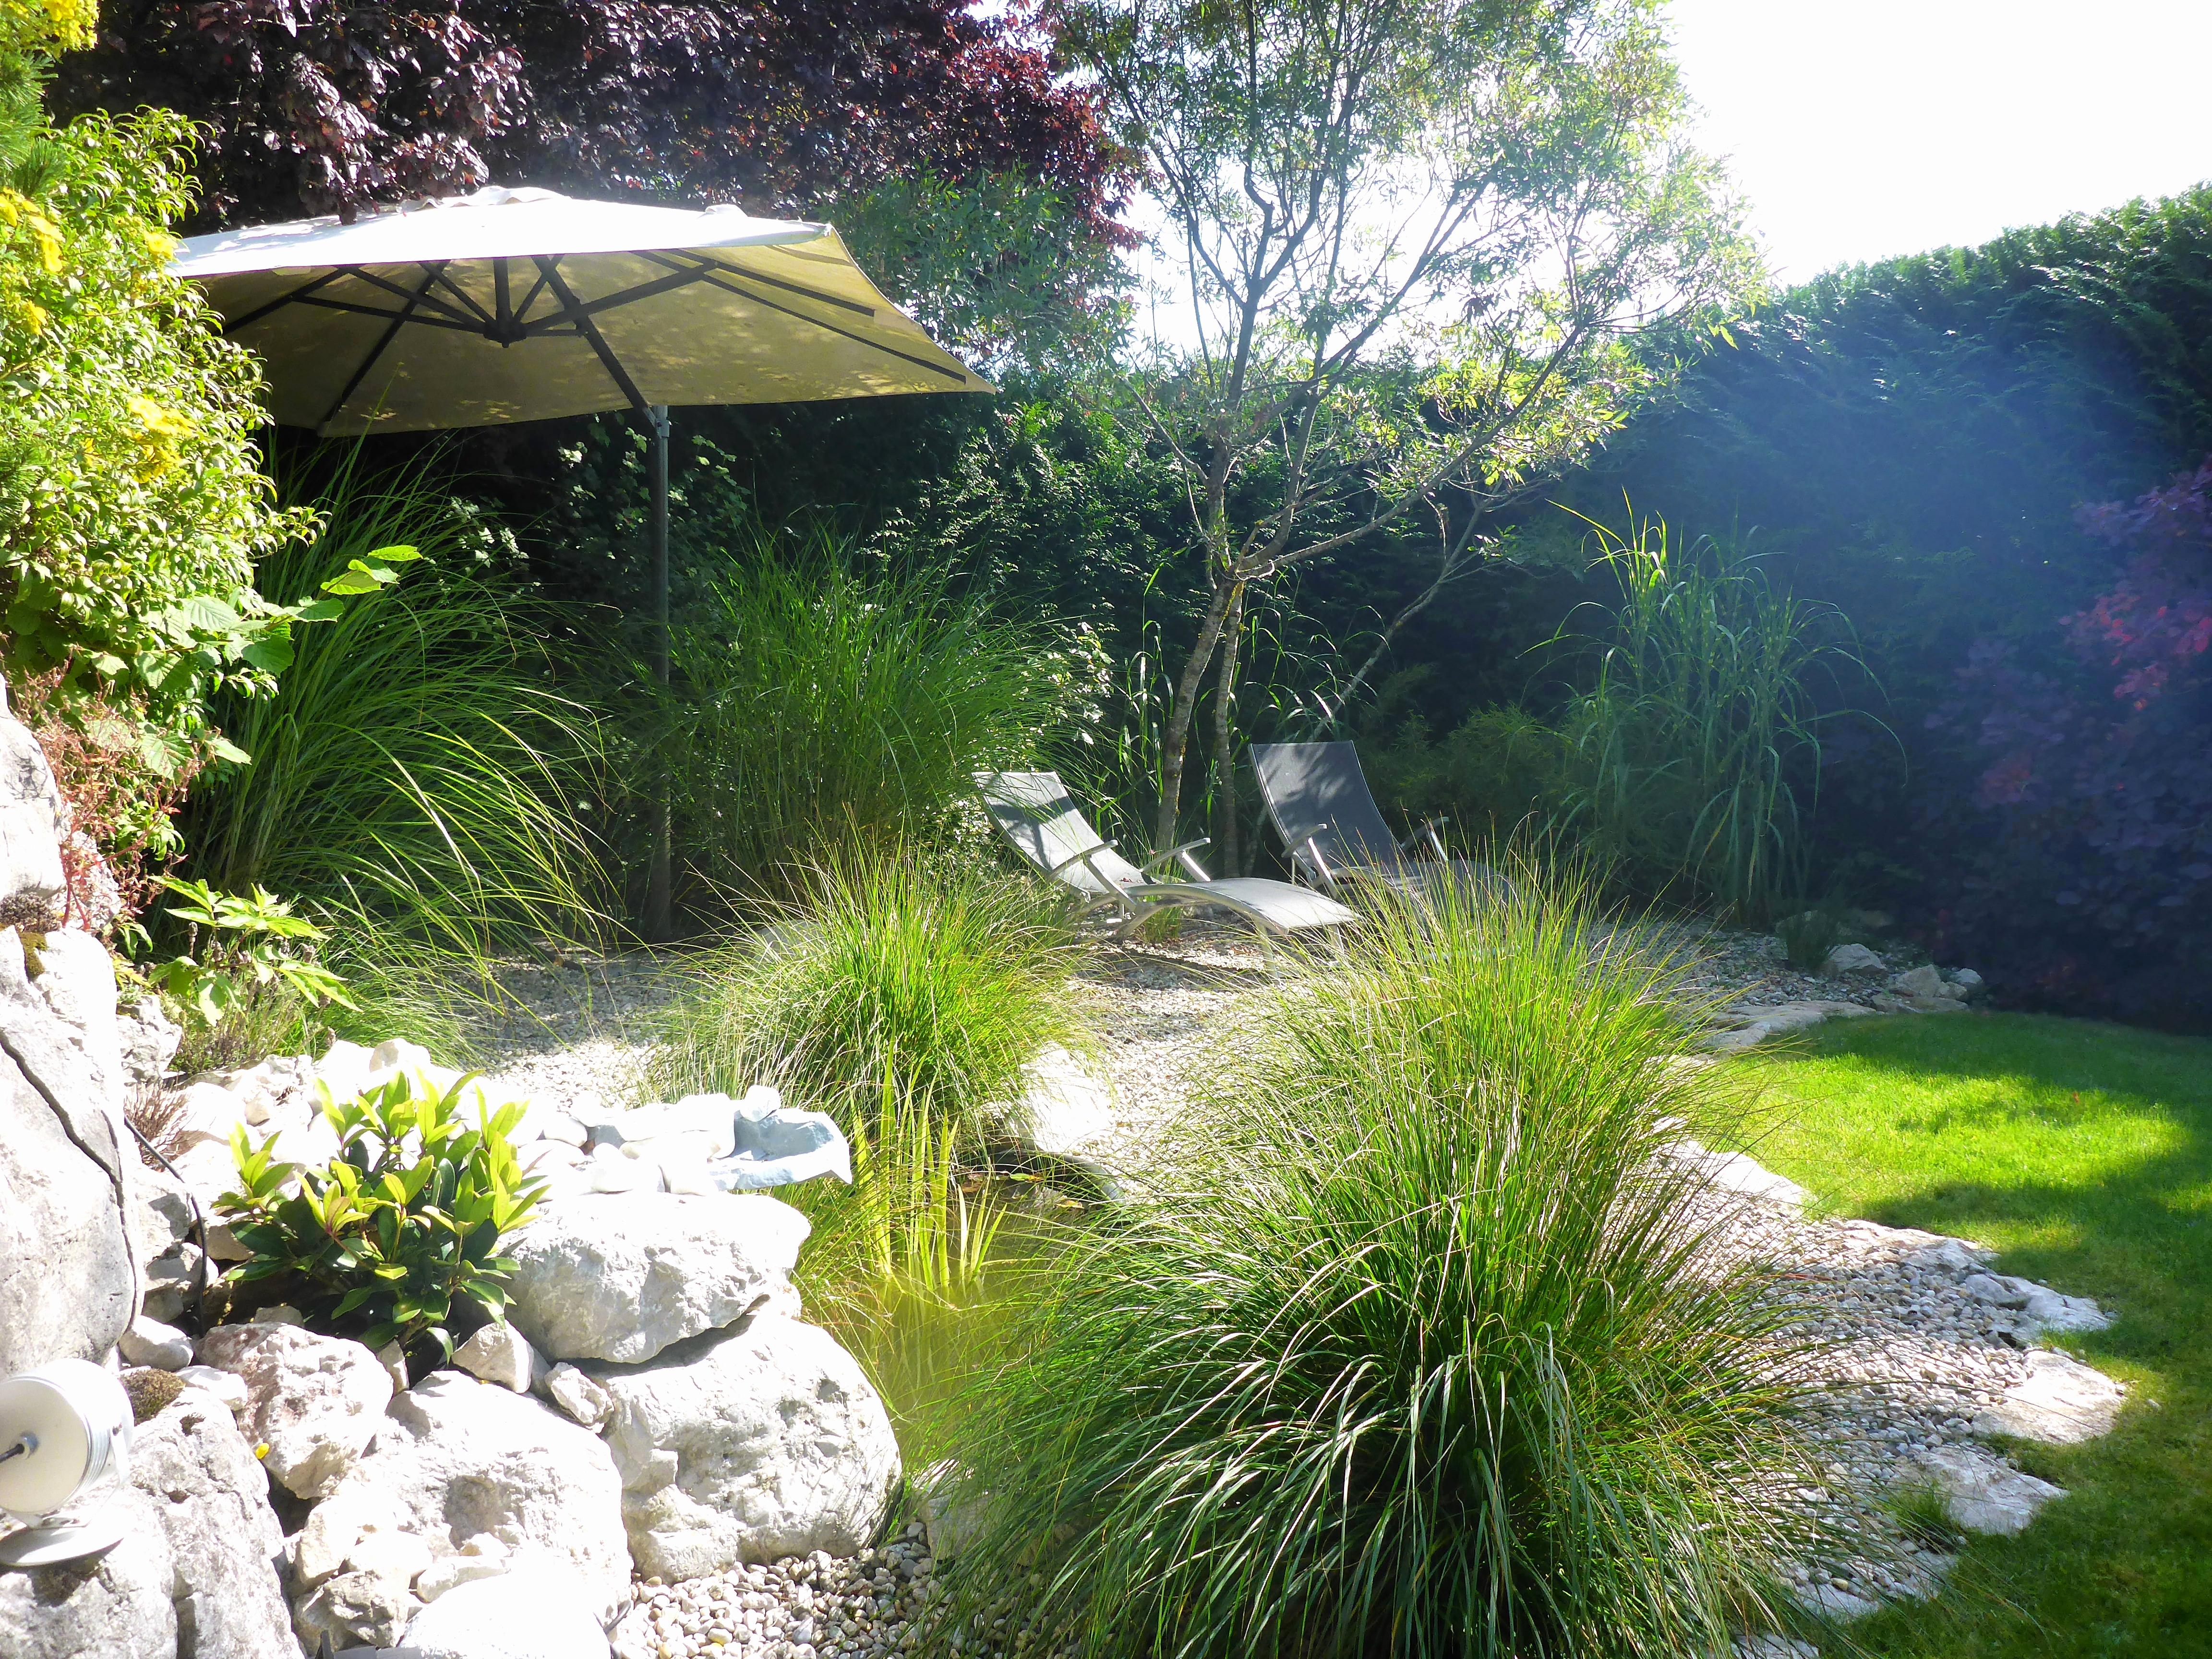 Bordure Jardin originale Frais Galerie Bordure Jardin originale élégant 20 Beau Jardin original Design D